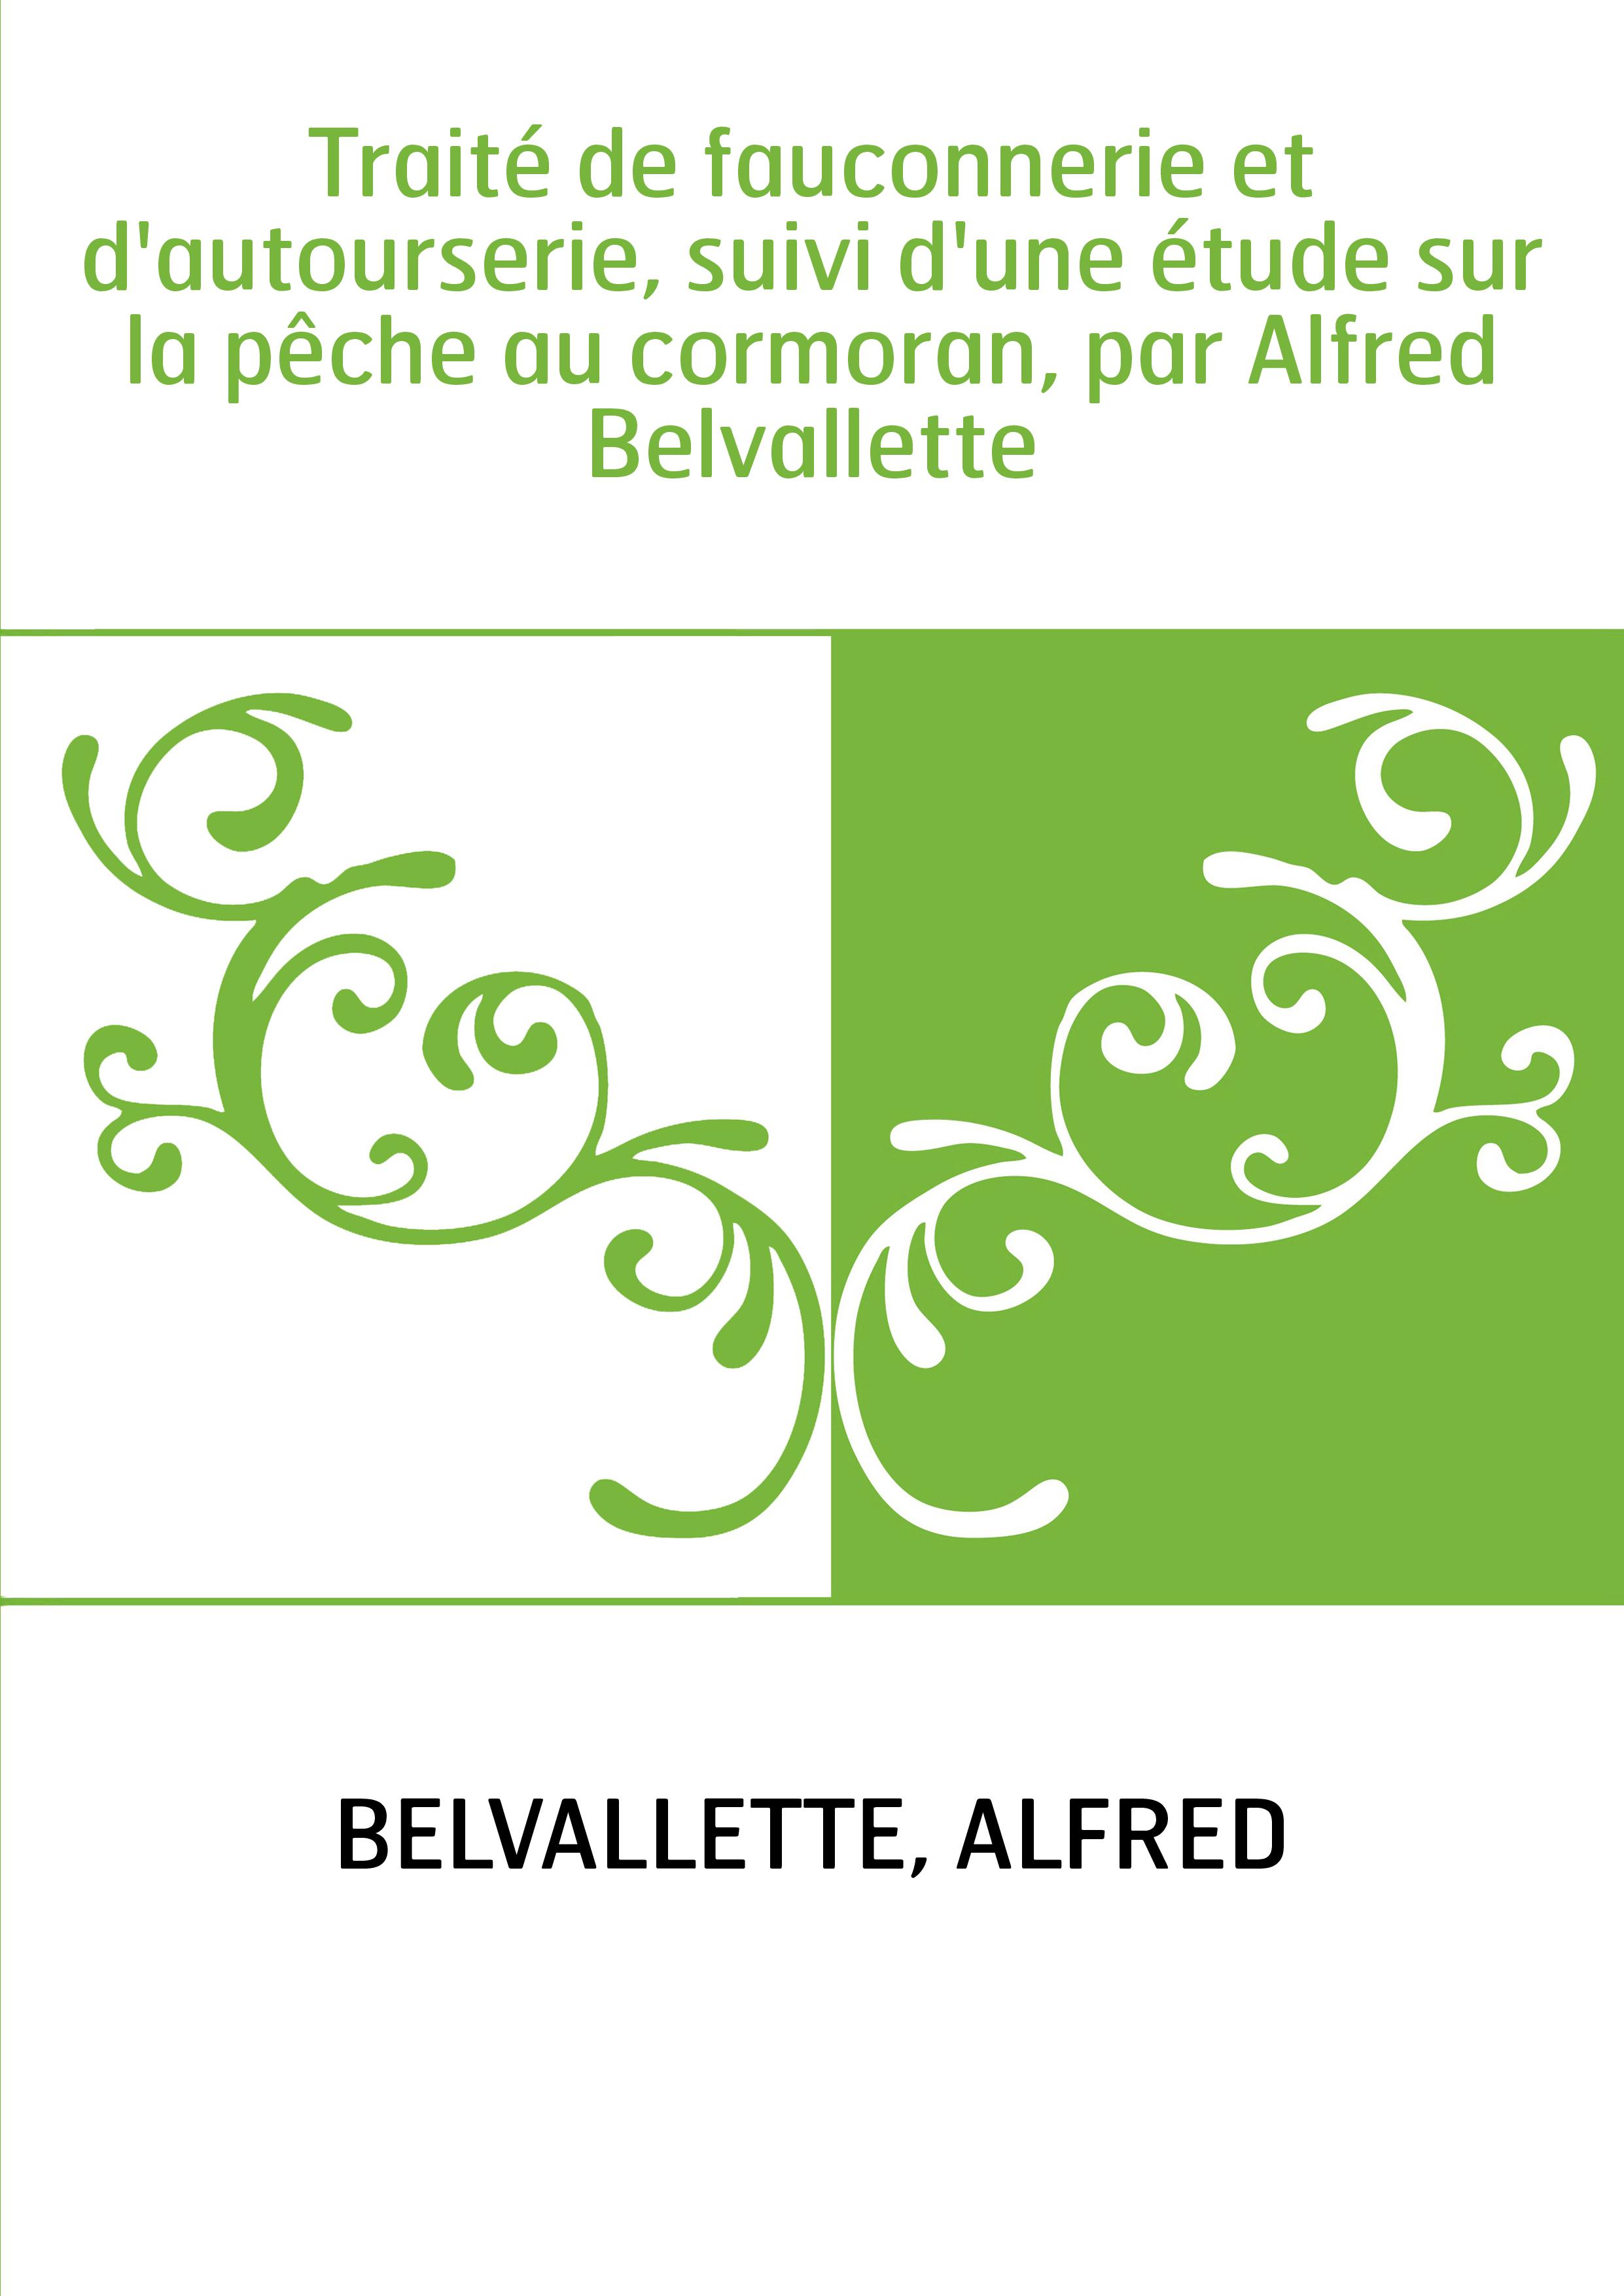 Traité de fauconnerie et d'autourserie, suivi d'une étude sur la pêche au cormoran, par Alfred Belvallette